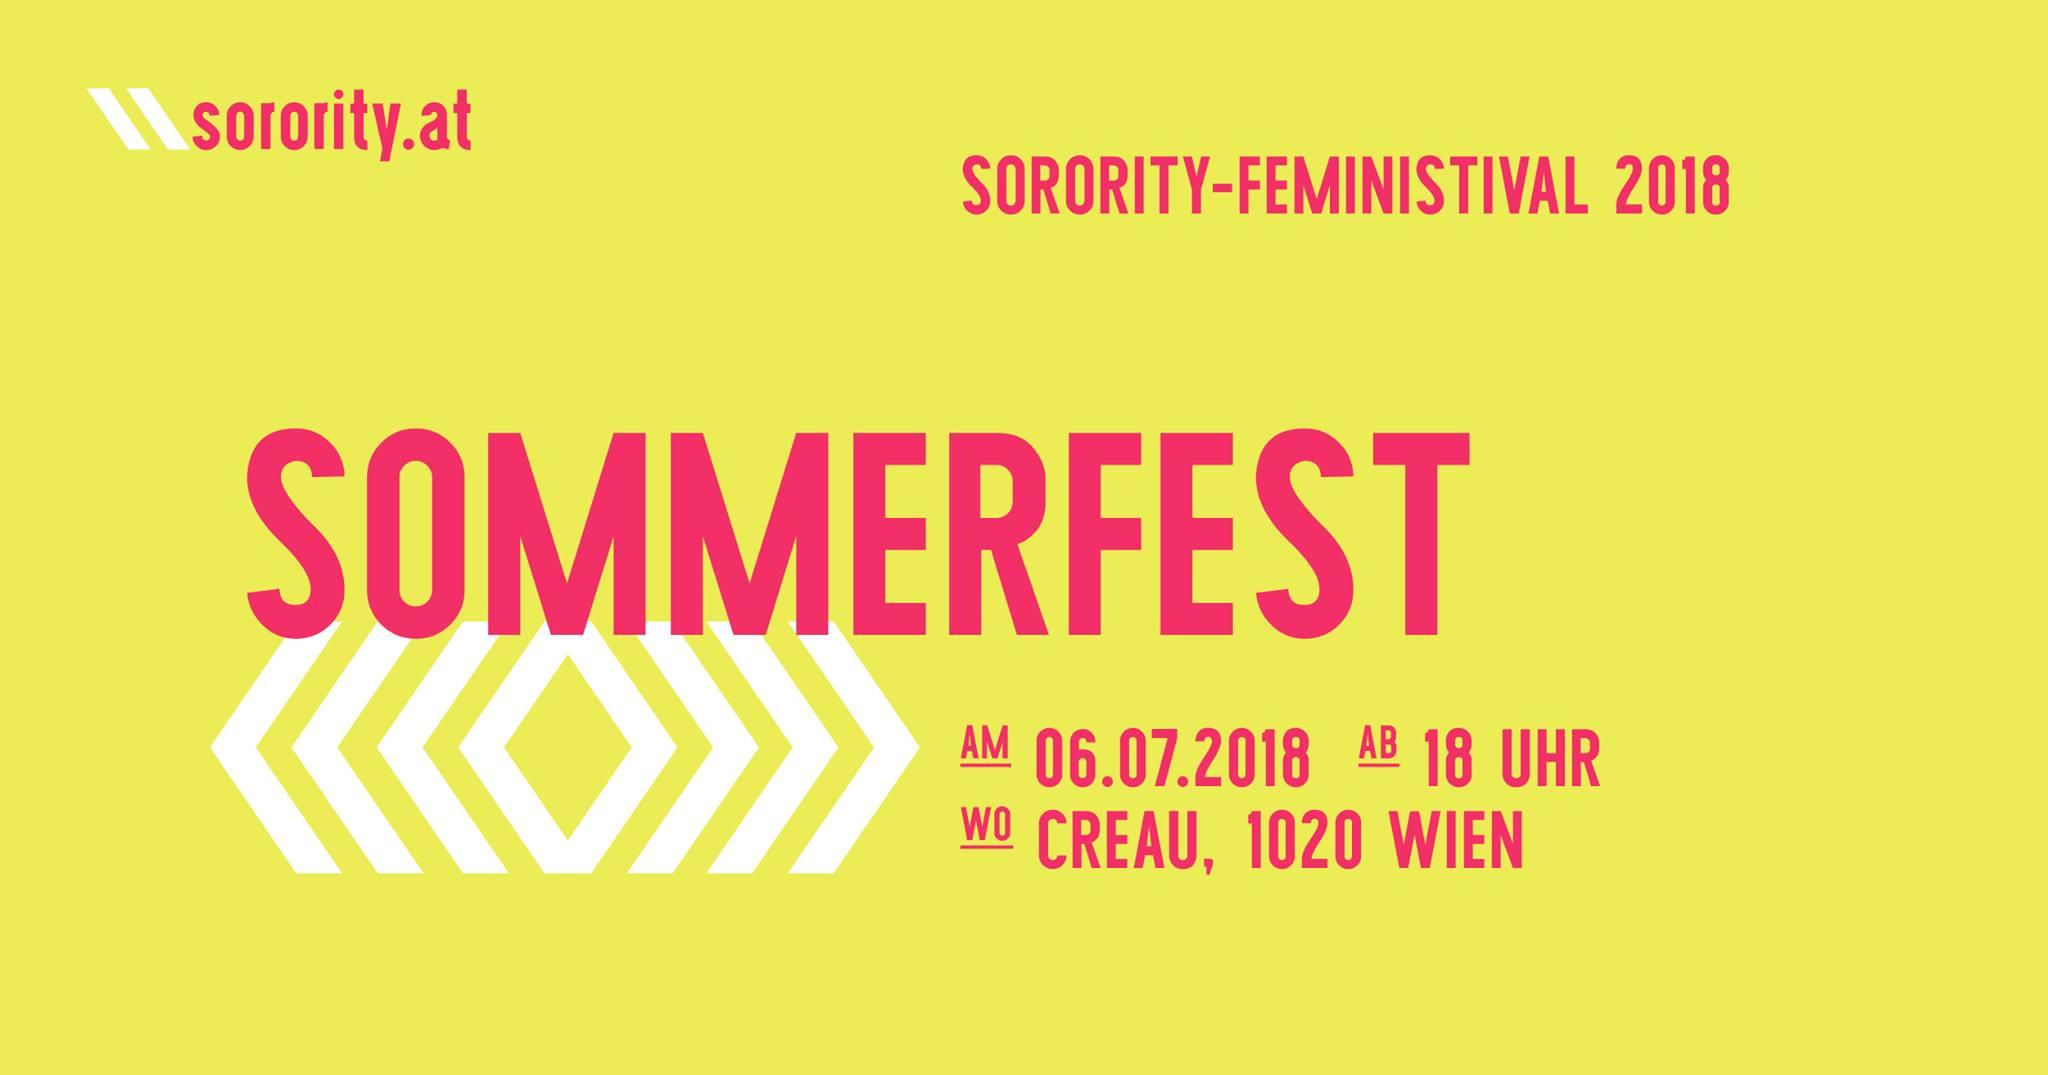 Sorority SOMMERFEST – Feministival 2018